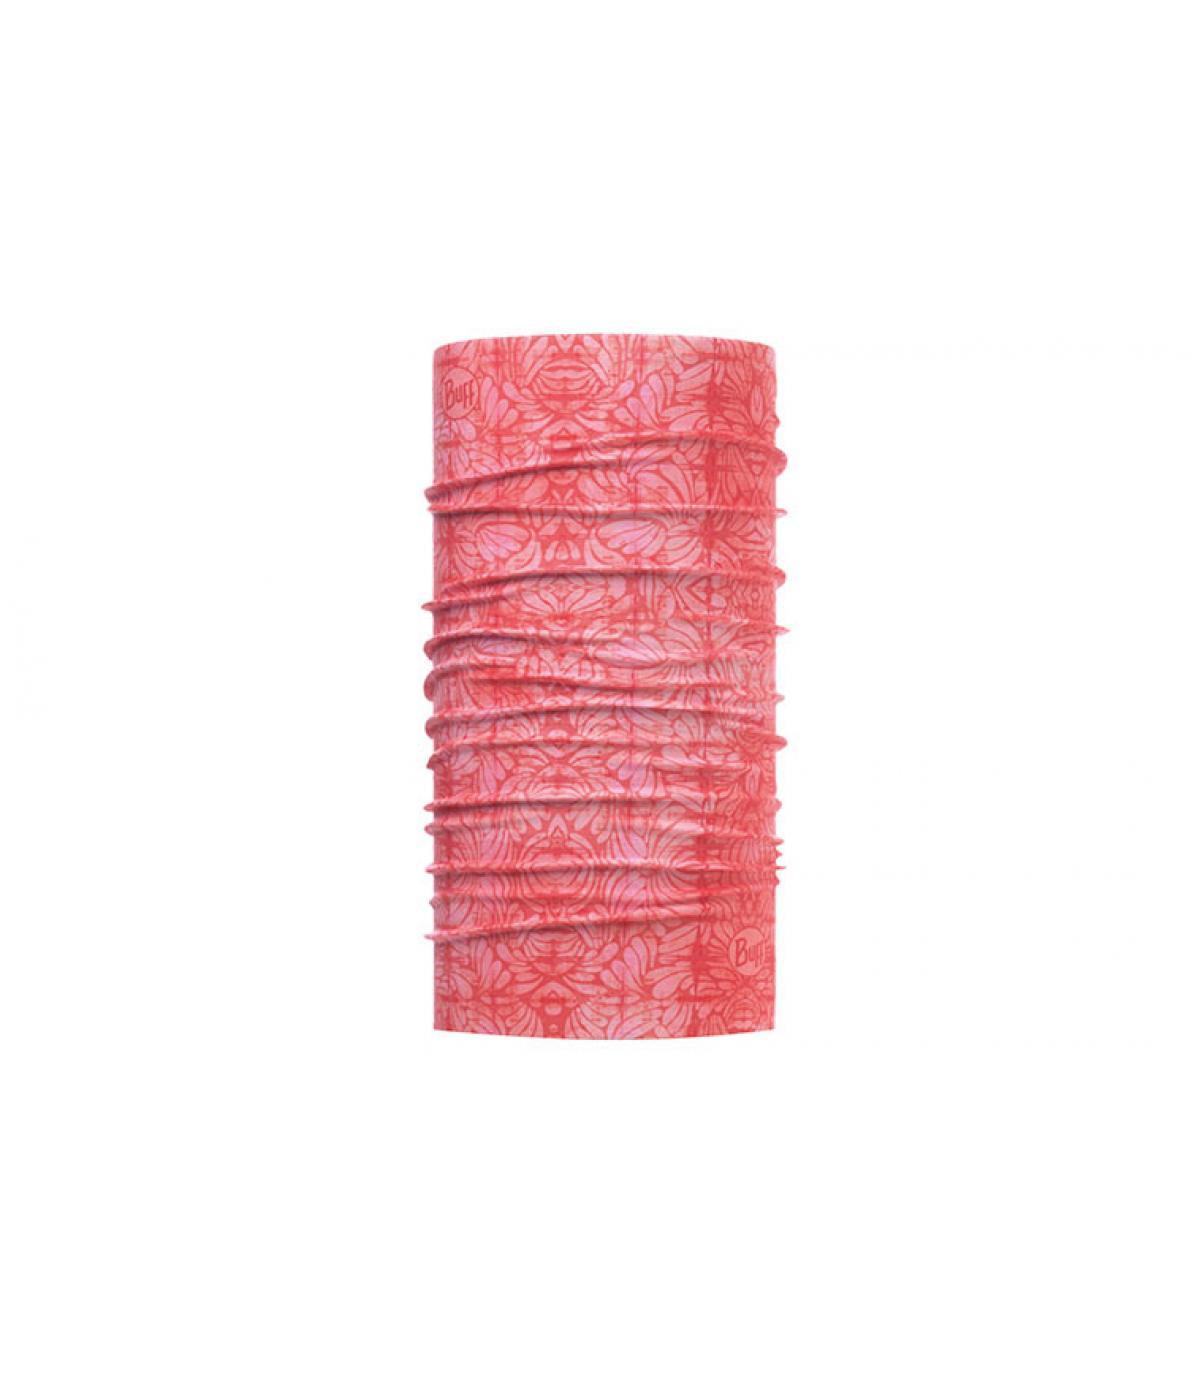 Buff stampato in rosa